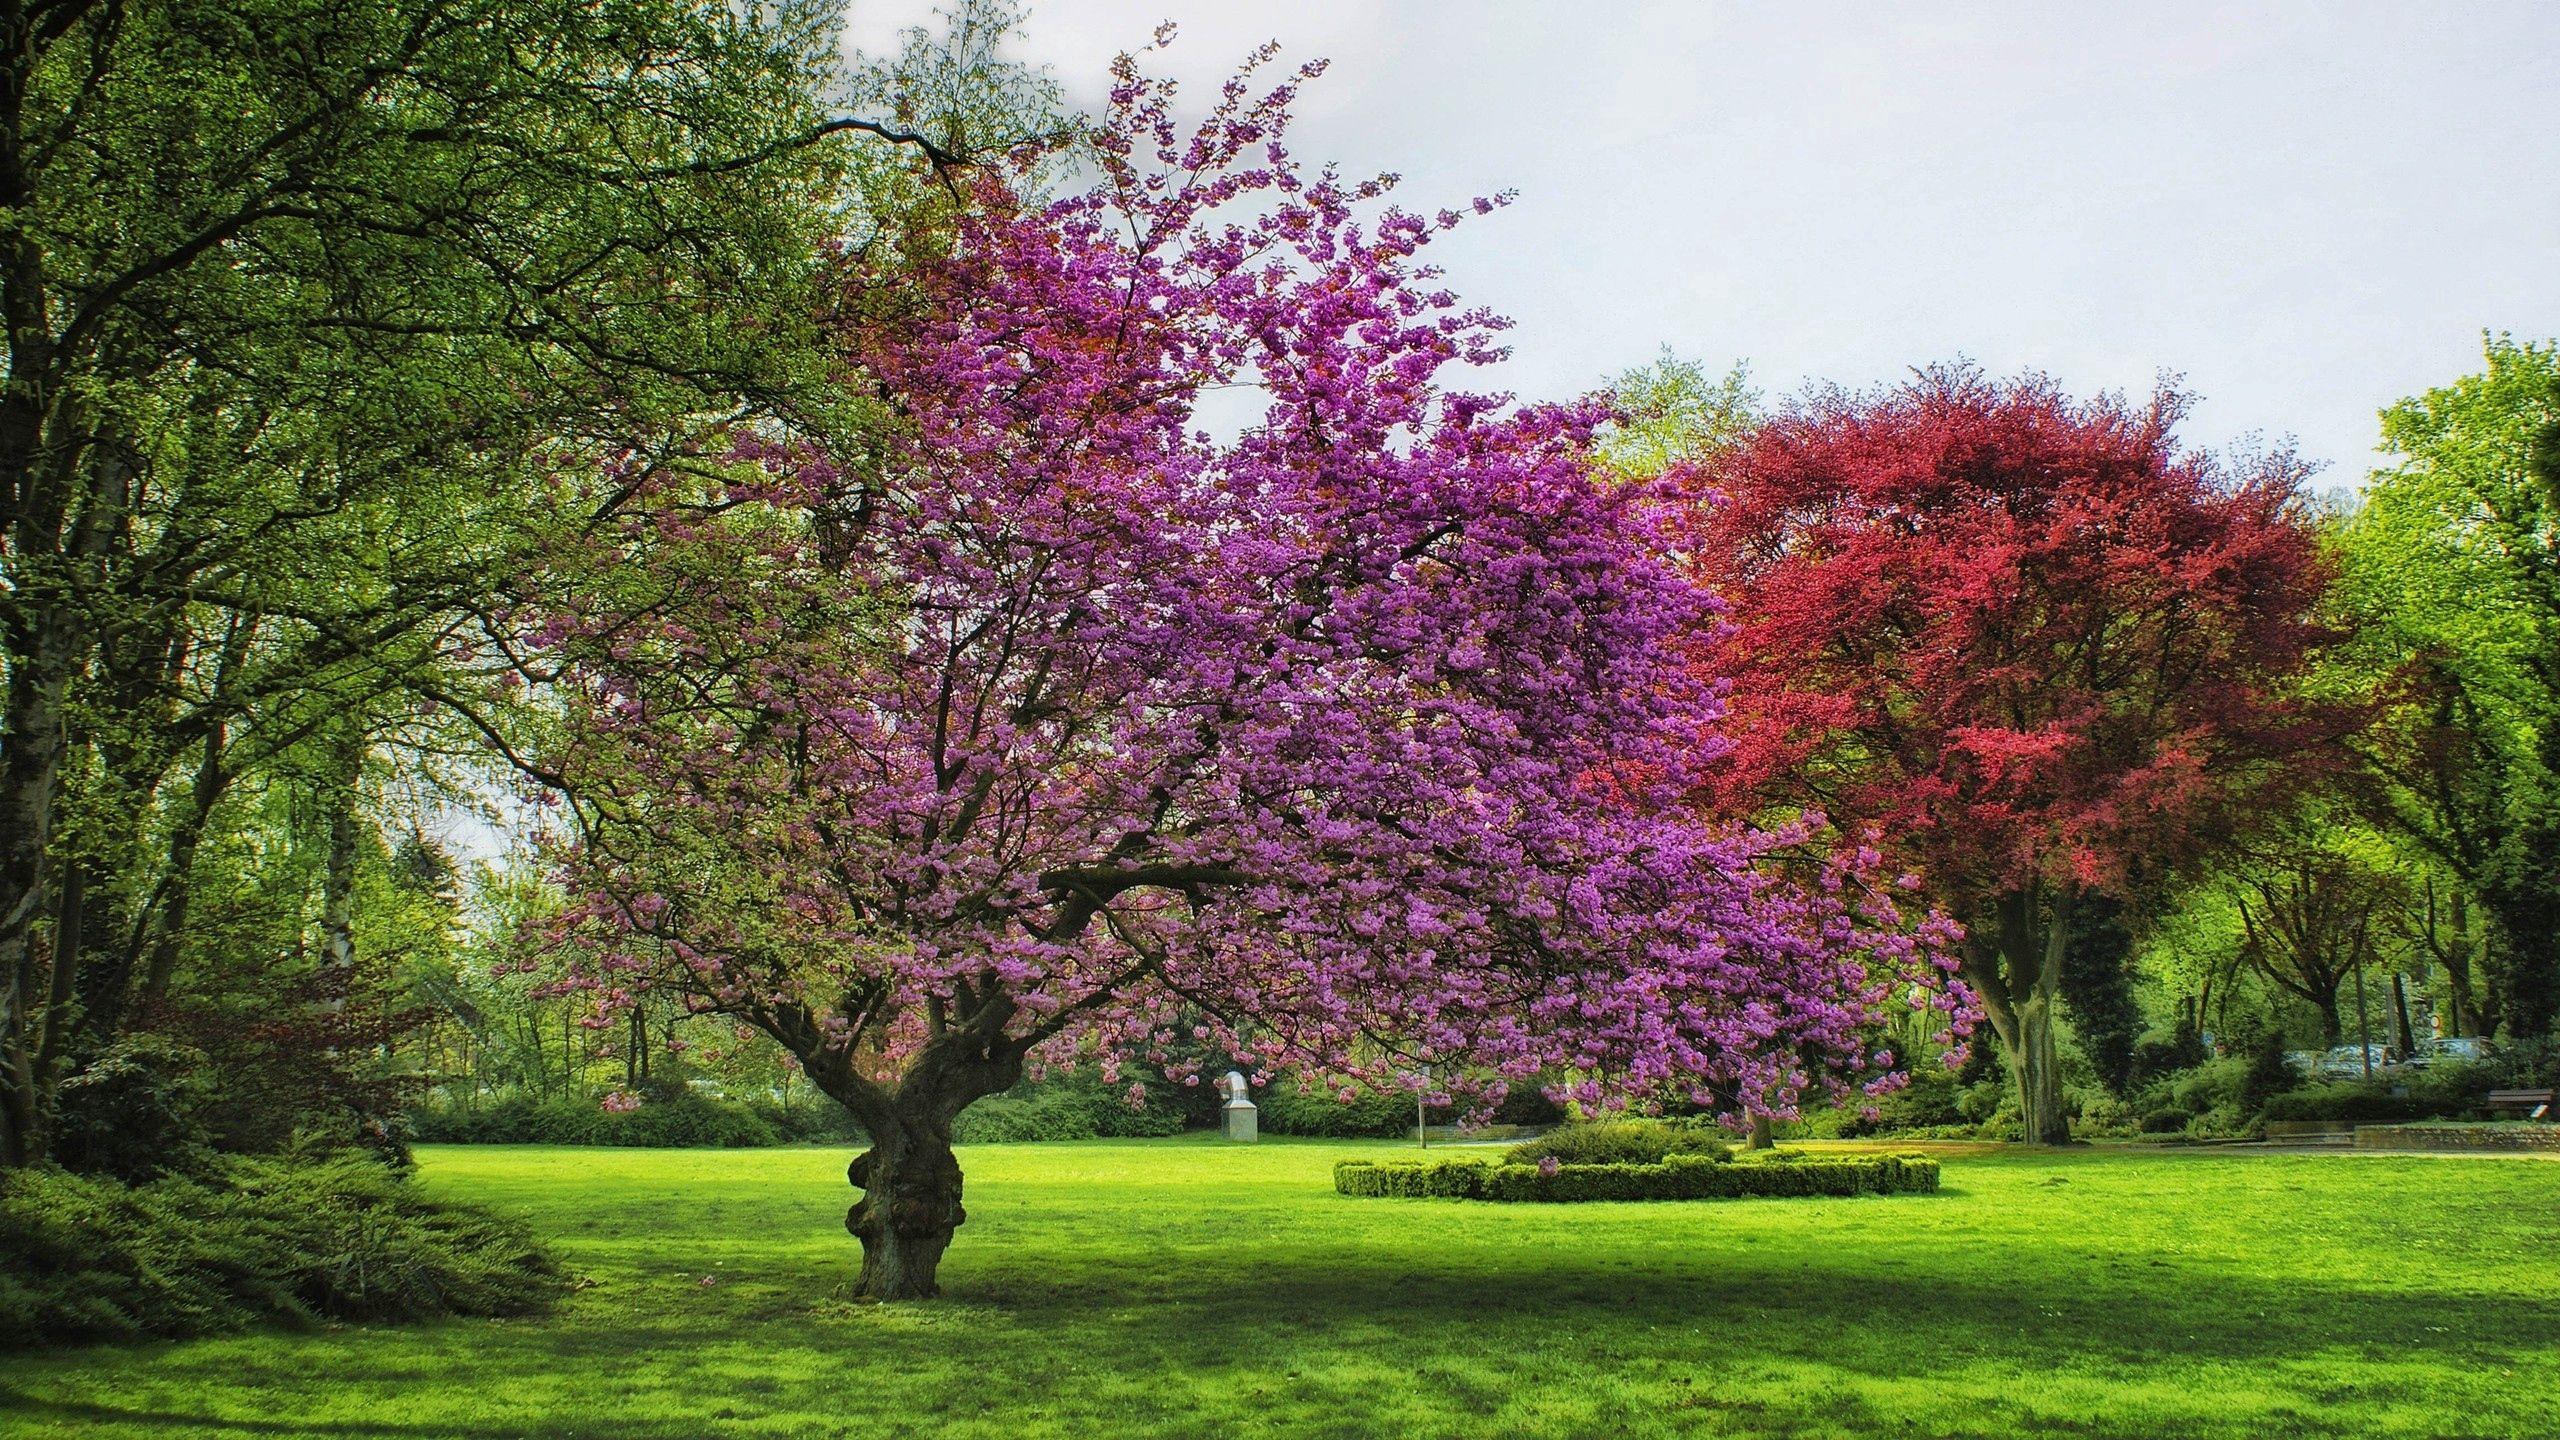 108329 скачать обои Цветение, Природа, Деревья, Трава, Лето - заставки и картинки бесплатно